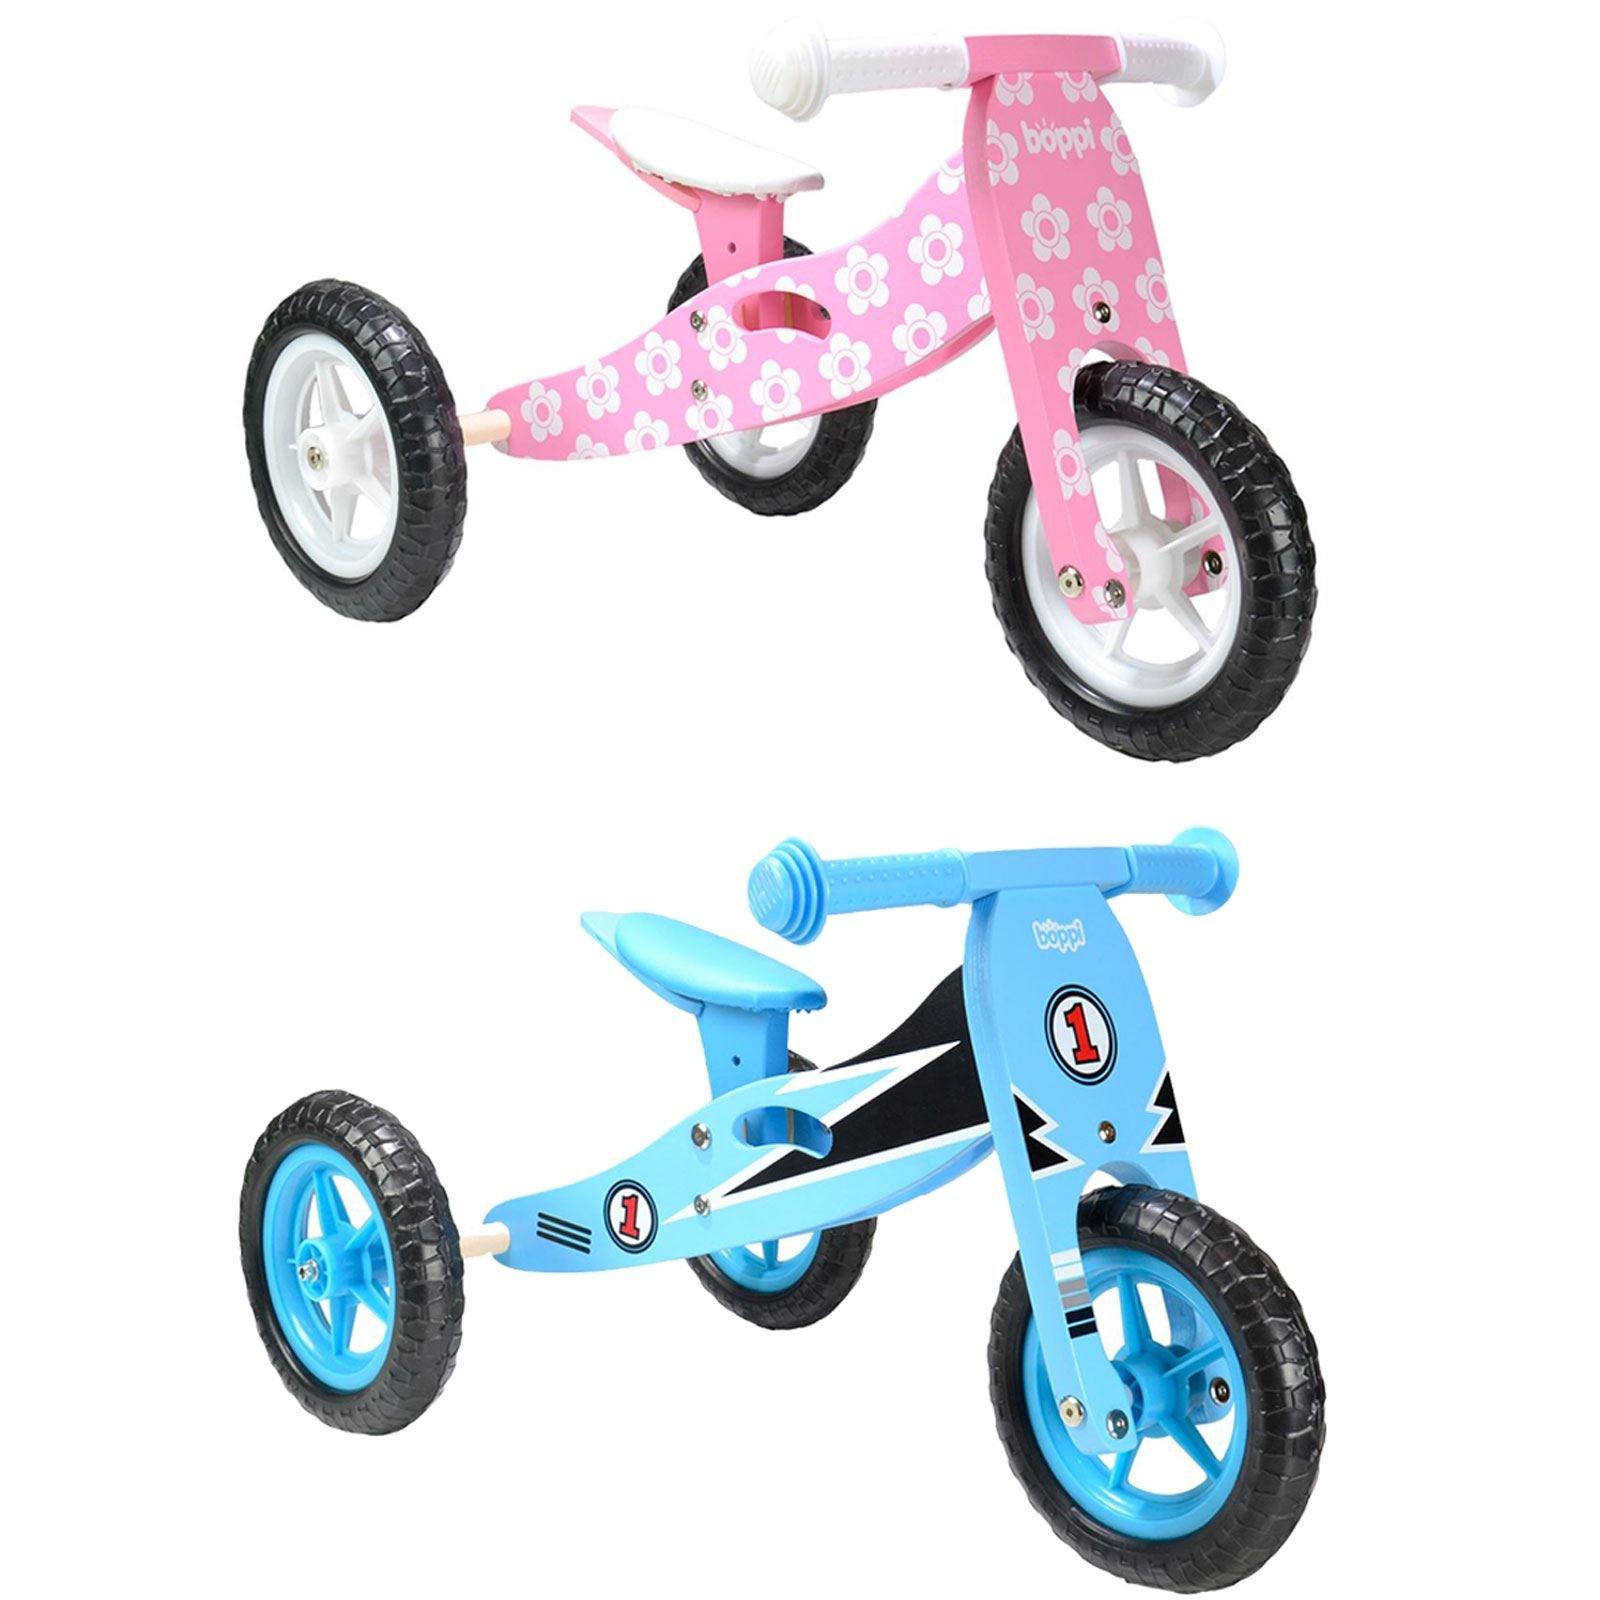 Boppi 2 In 1 Triciclo In Legno Bici Senza Pedali Giochi Legno